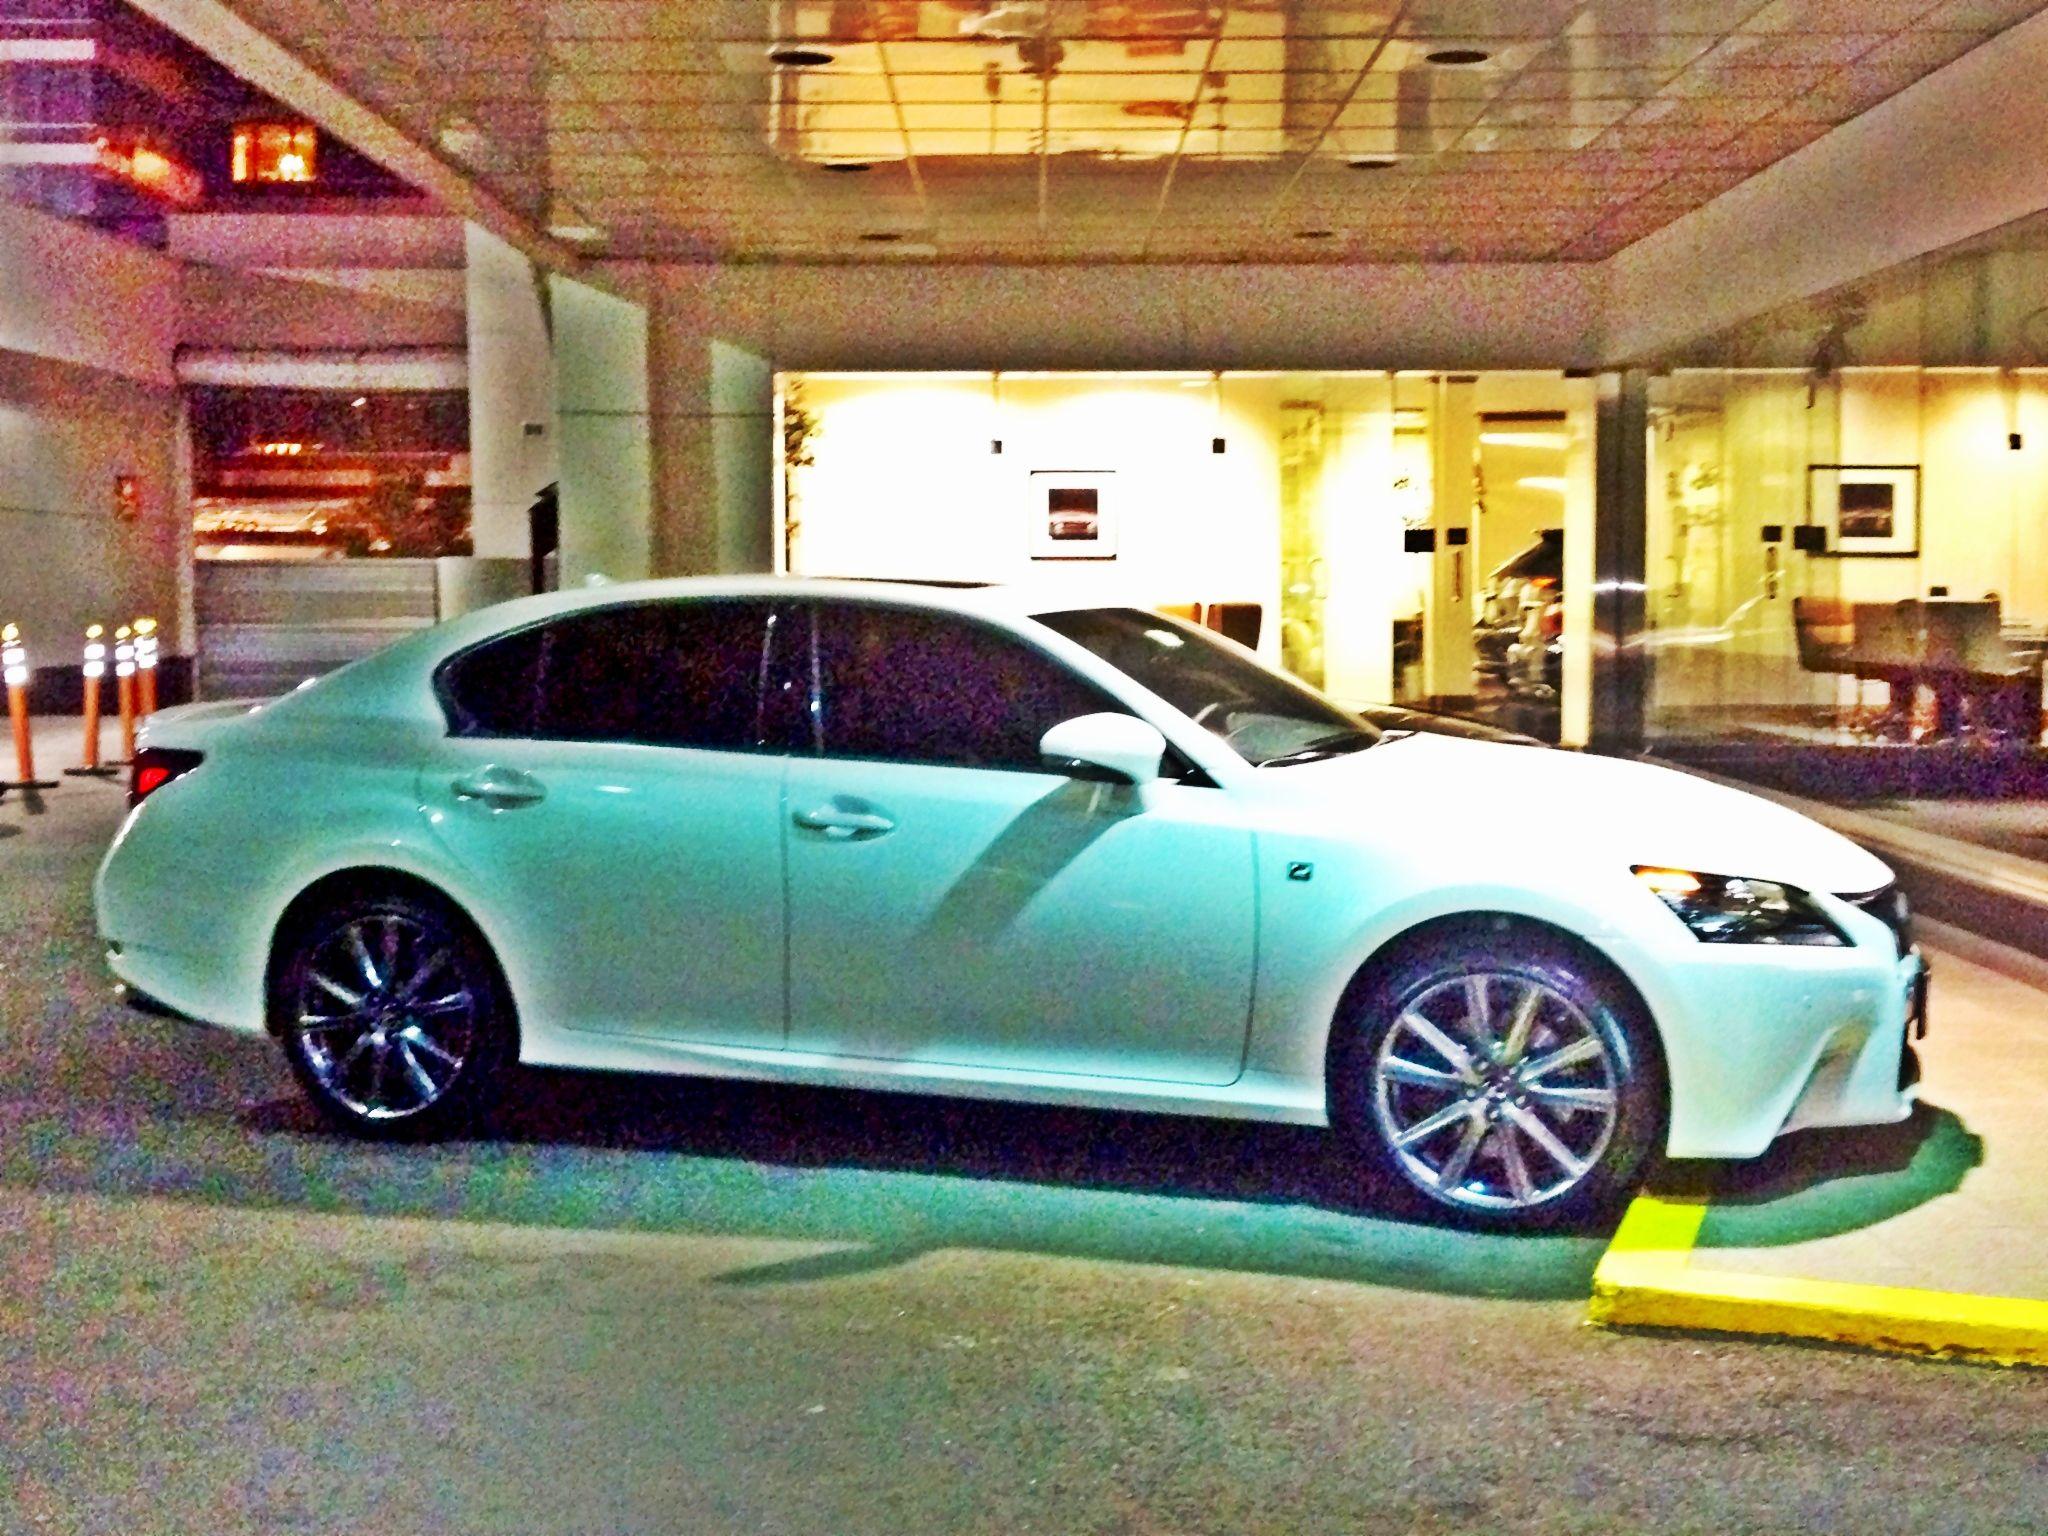 Lexus 2013 GS 350 F Sport Automobile, Vehicles, Cars